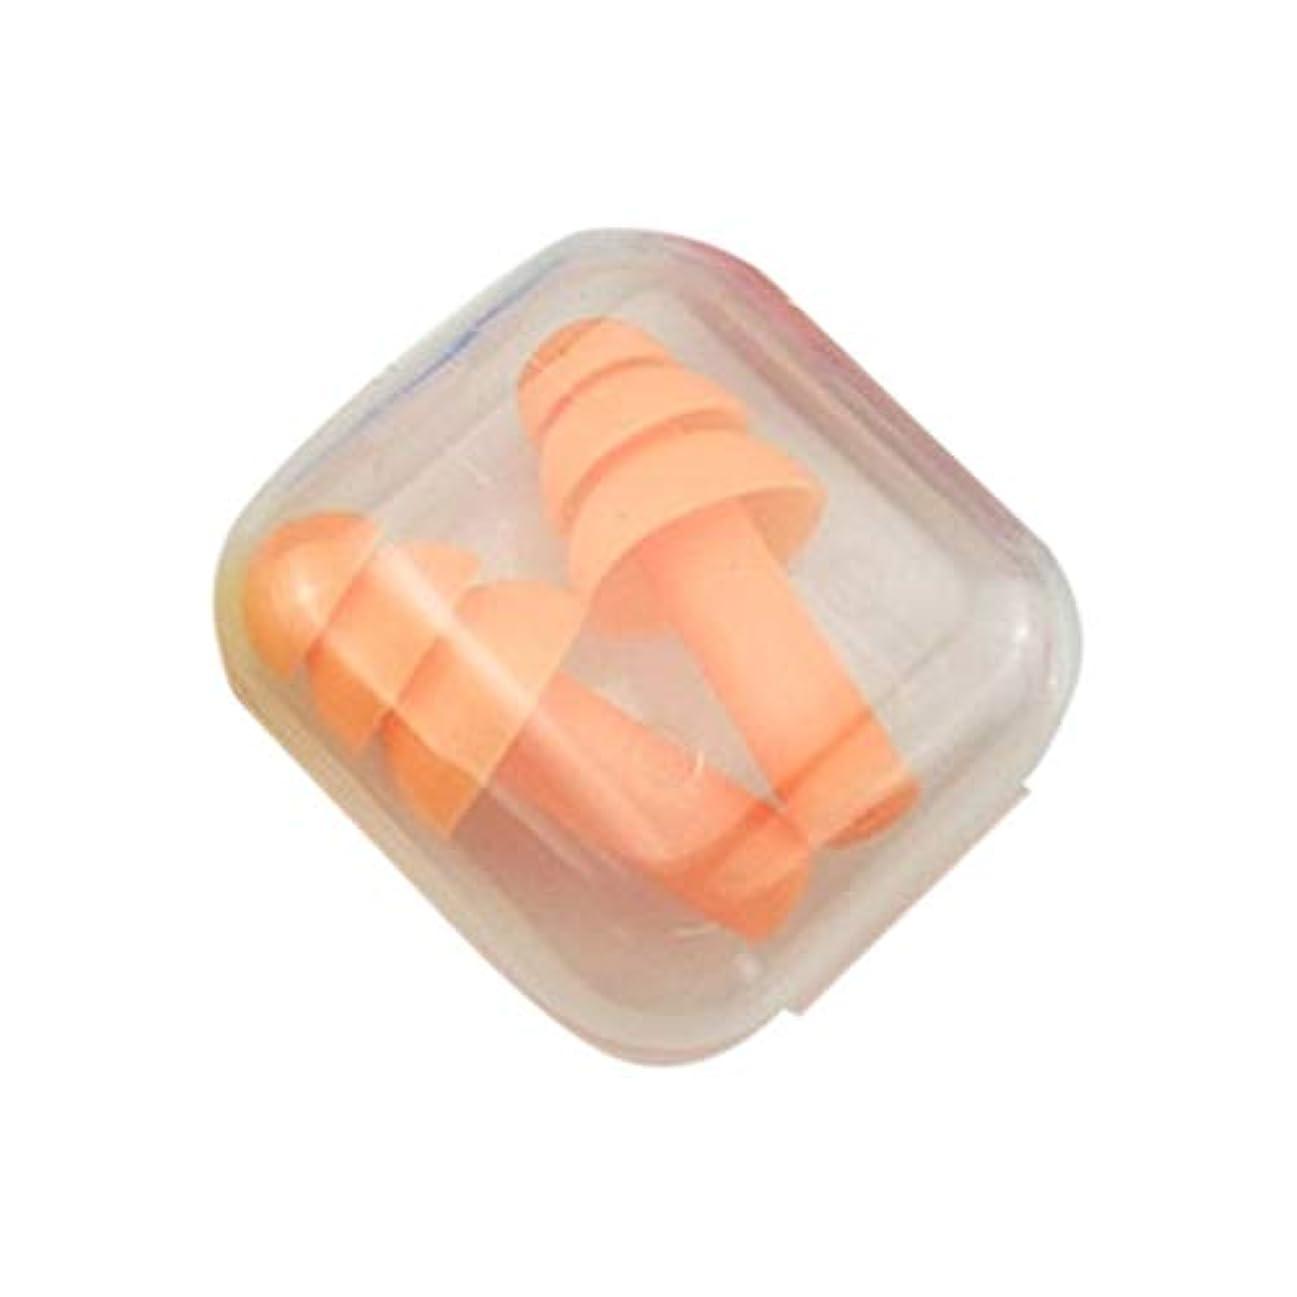 摂氏スタウト内部柔らかいシリコーンの耳栓遮音用耳の保護用の耳栓防音睡眠ボックス付き収納ボックス - オレンジ